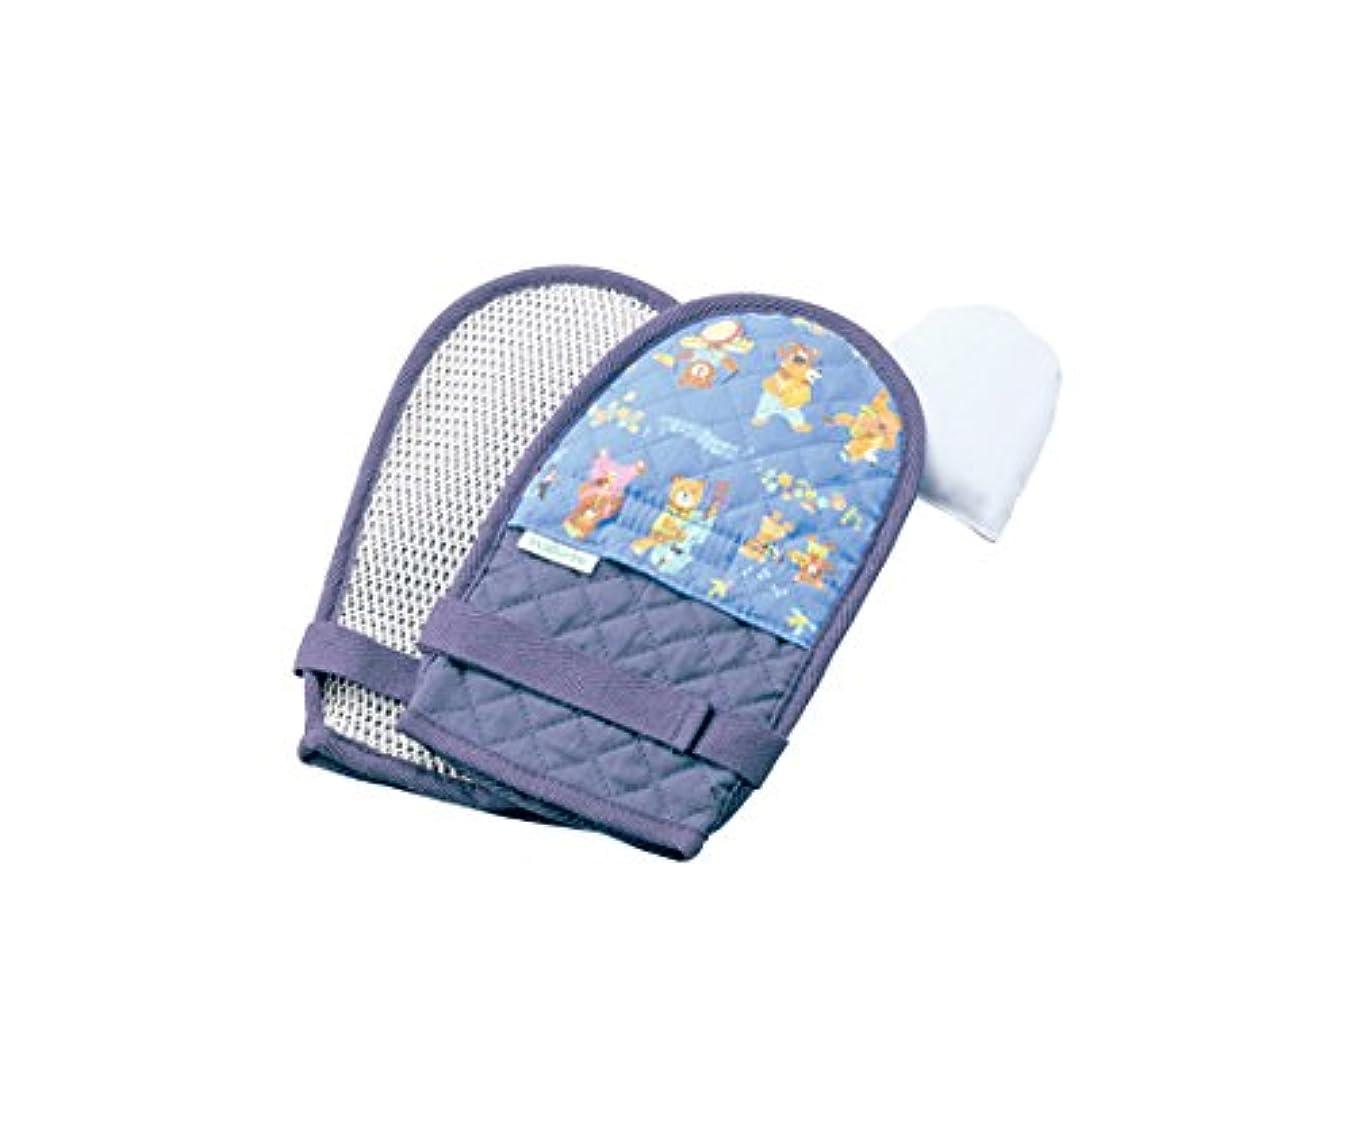 線教室散髪ナビス(アズワン)0-1638-63抜管防止手袋小キルティングブルー